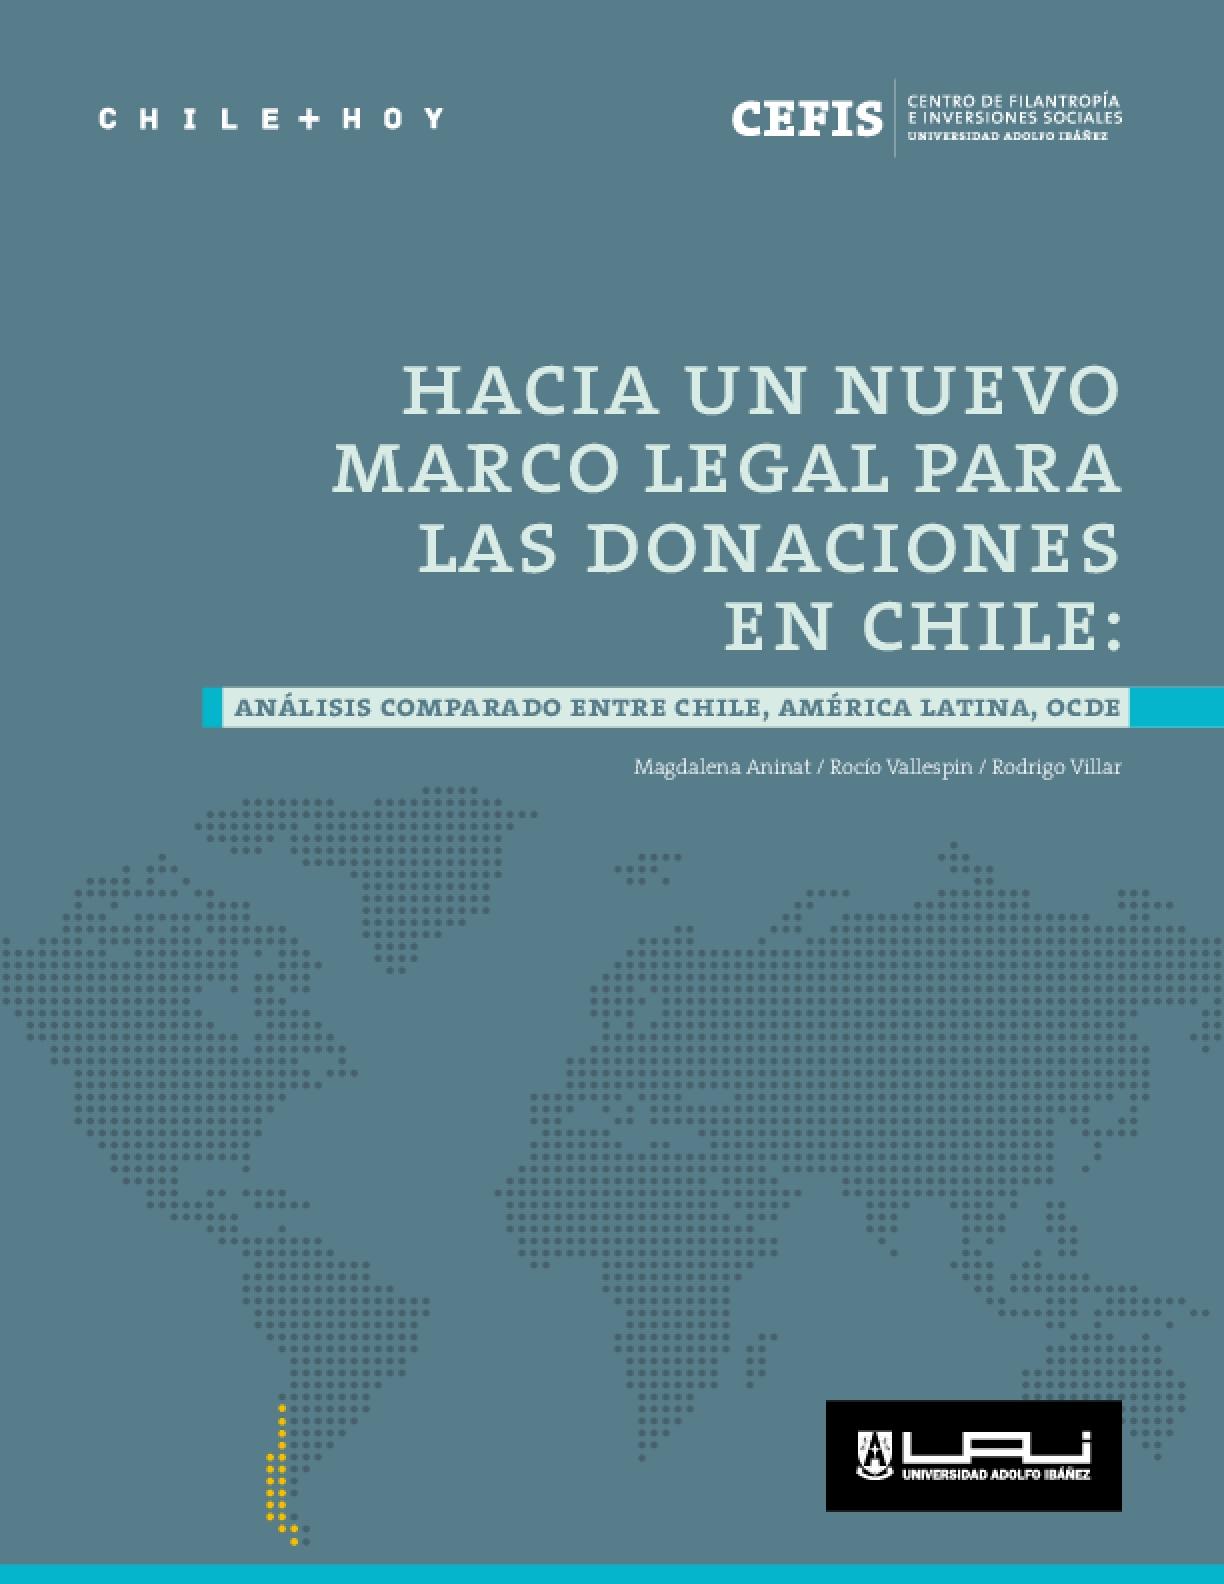 Hacia un nuevo marco legal para las donaciones en Chile: análisis comparado entre Chile, América Latina, OCDE